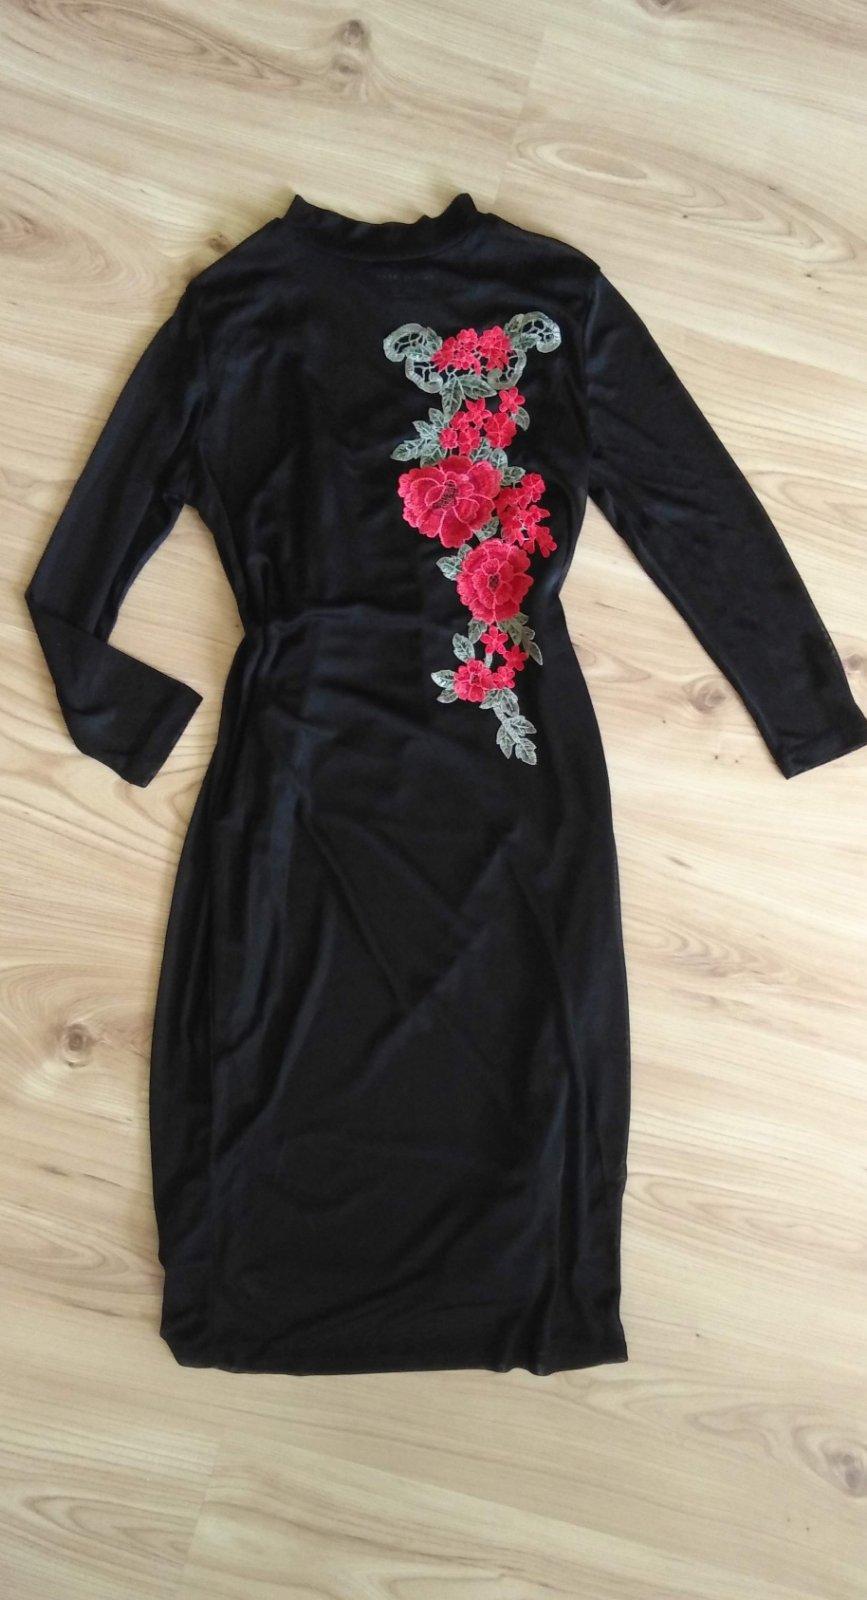 šaty s výšivkou - Obrázok č. 1